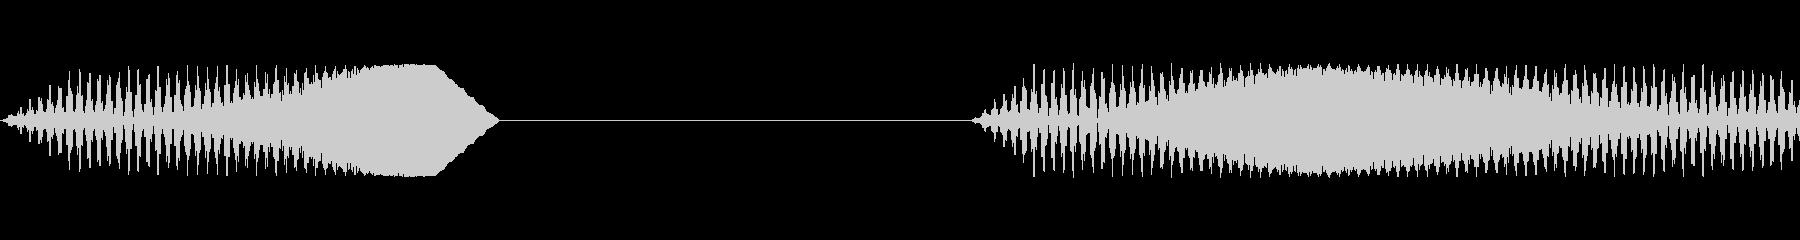 小型ロボット、DROID:通信ビー...の未再生の波形